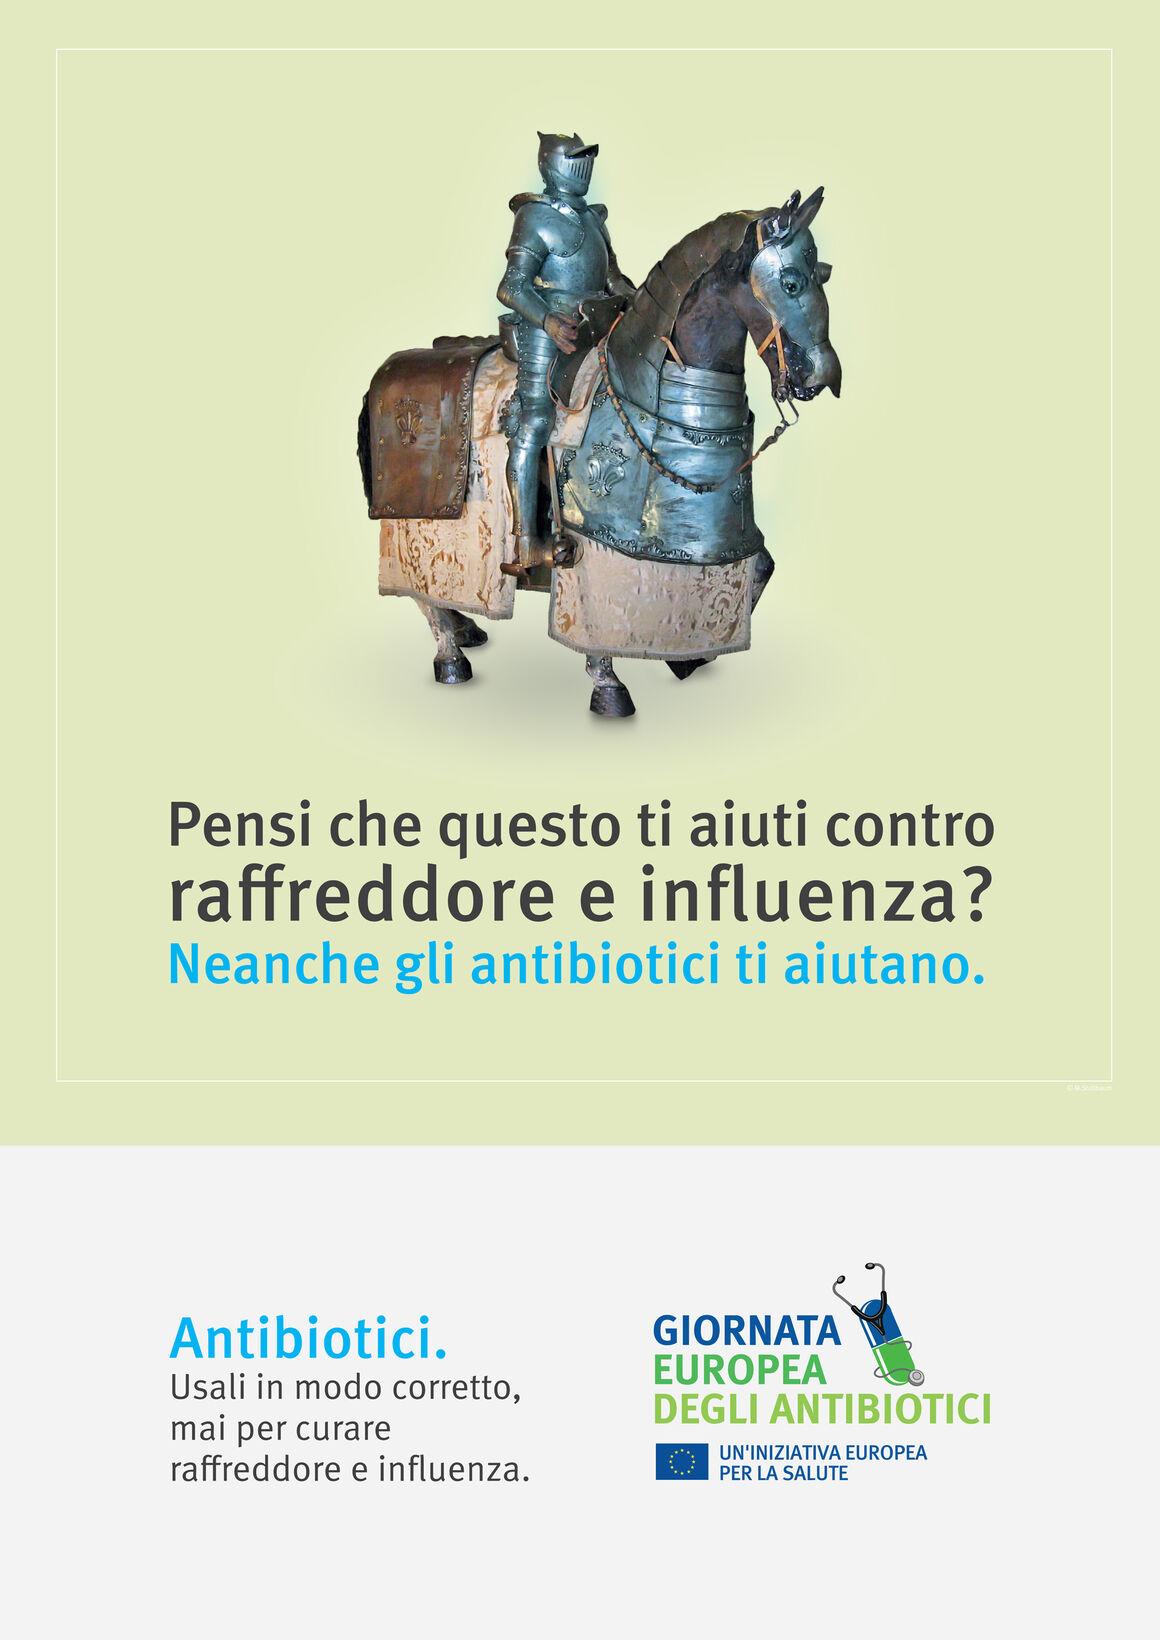 Poster: Pensi che questo ti aiuti contro raffreddore e influenza? Neanche gli antibiotici ti aiutano.